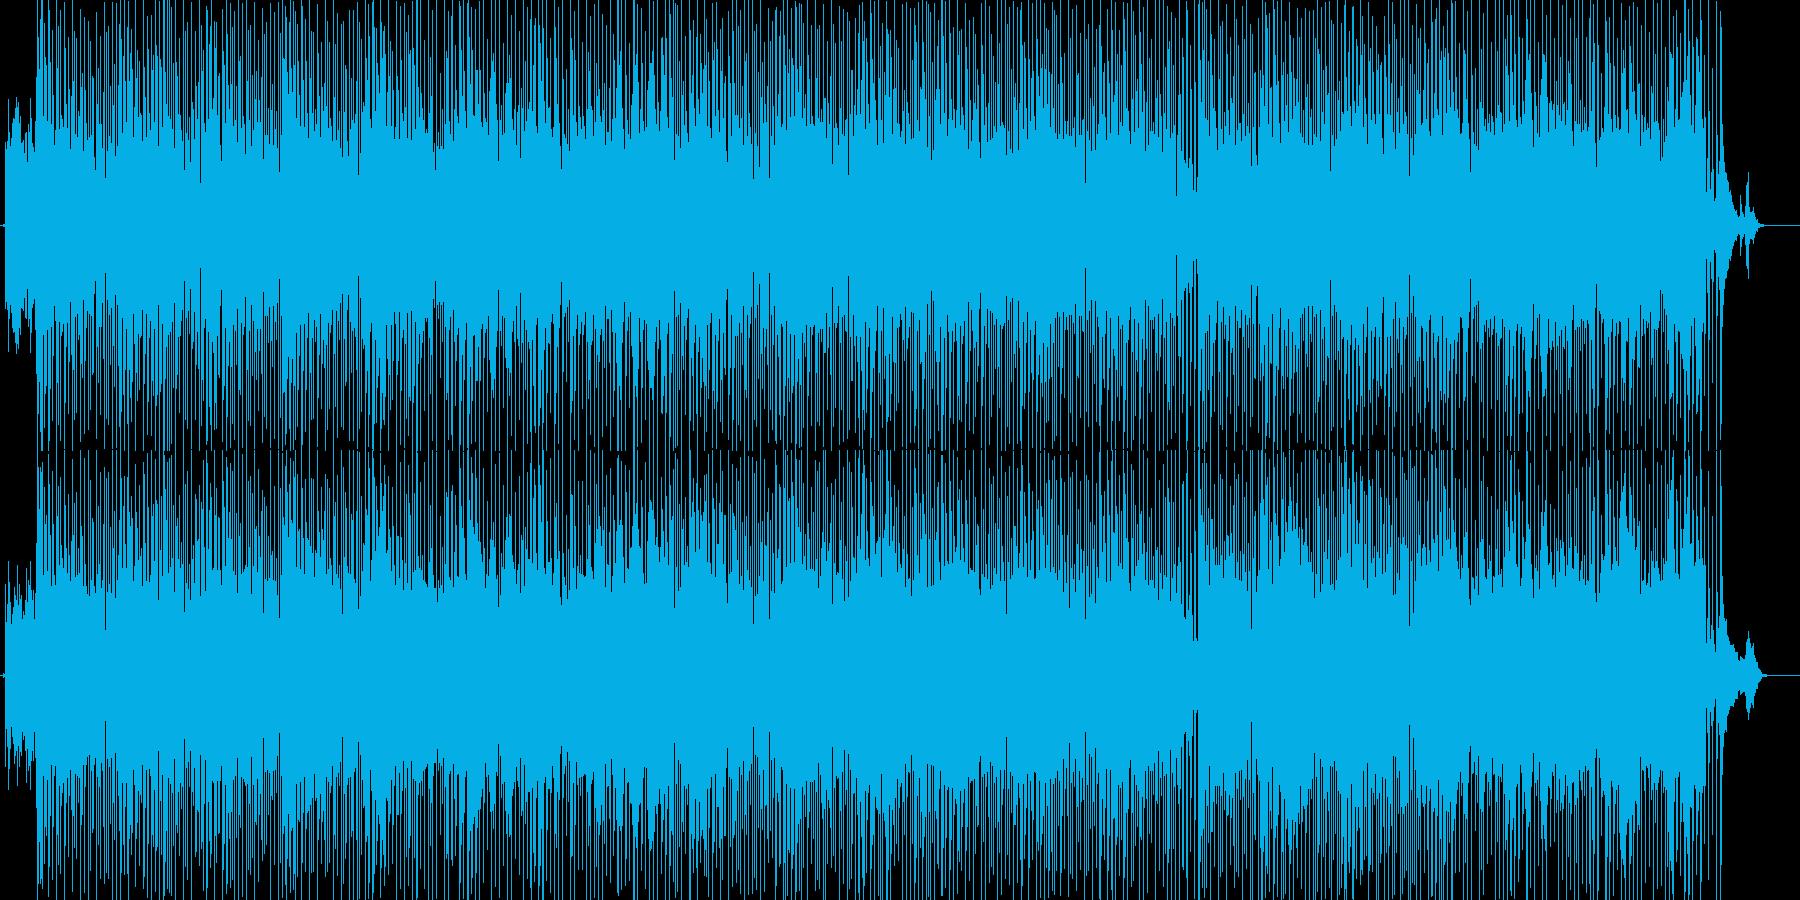 お洒落で哀愁漂う軽快なハウス・テクノの再生済みの波形